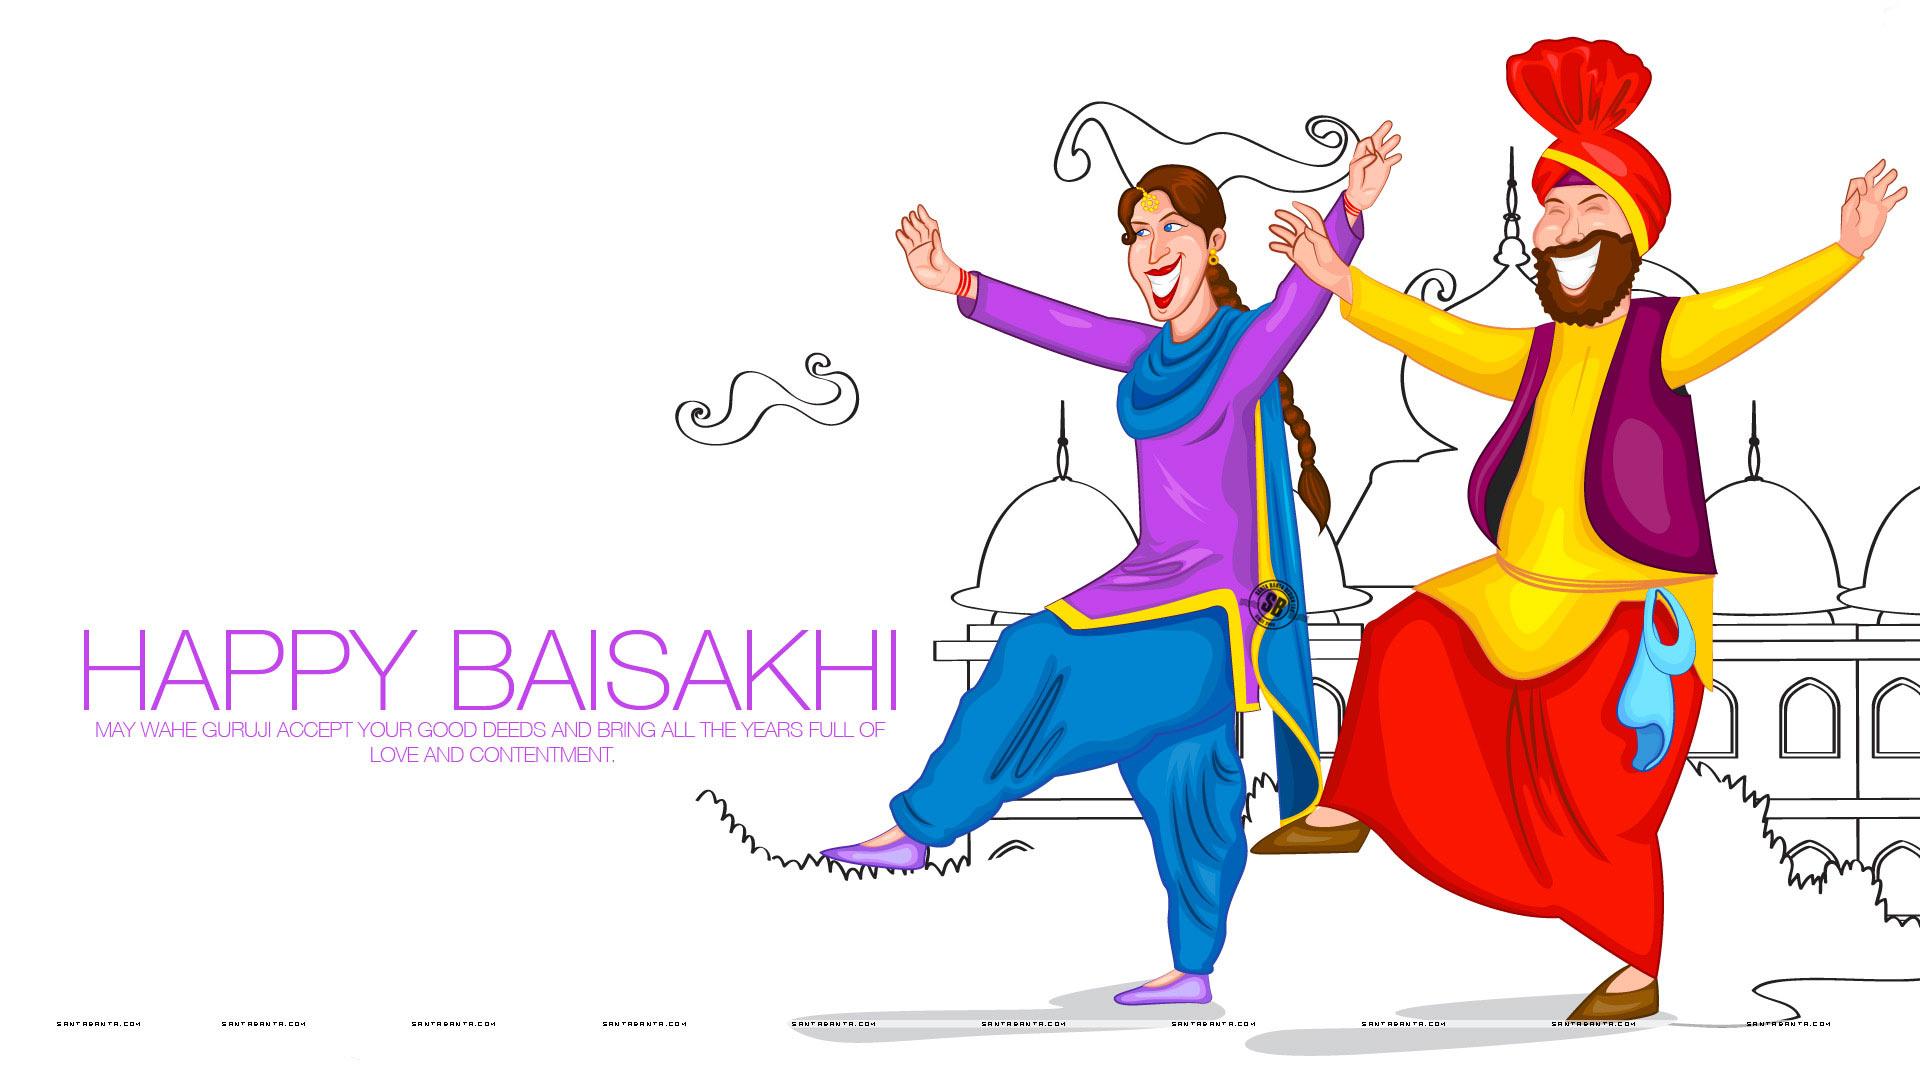 Baisakhi festival essay in punjabi